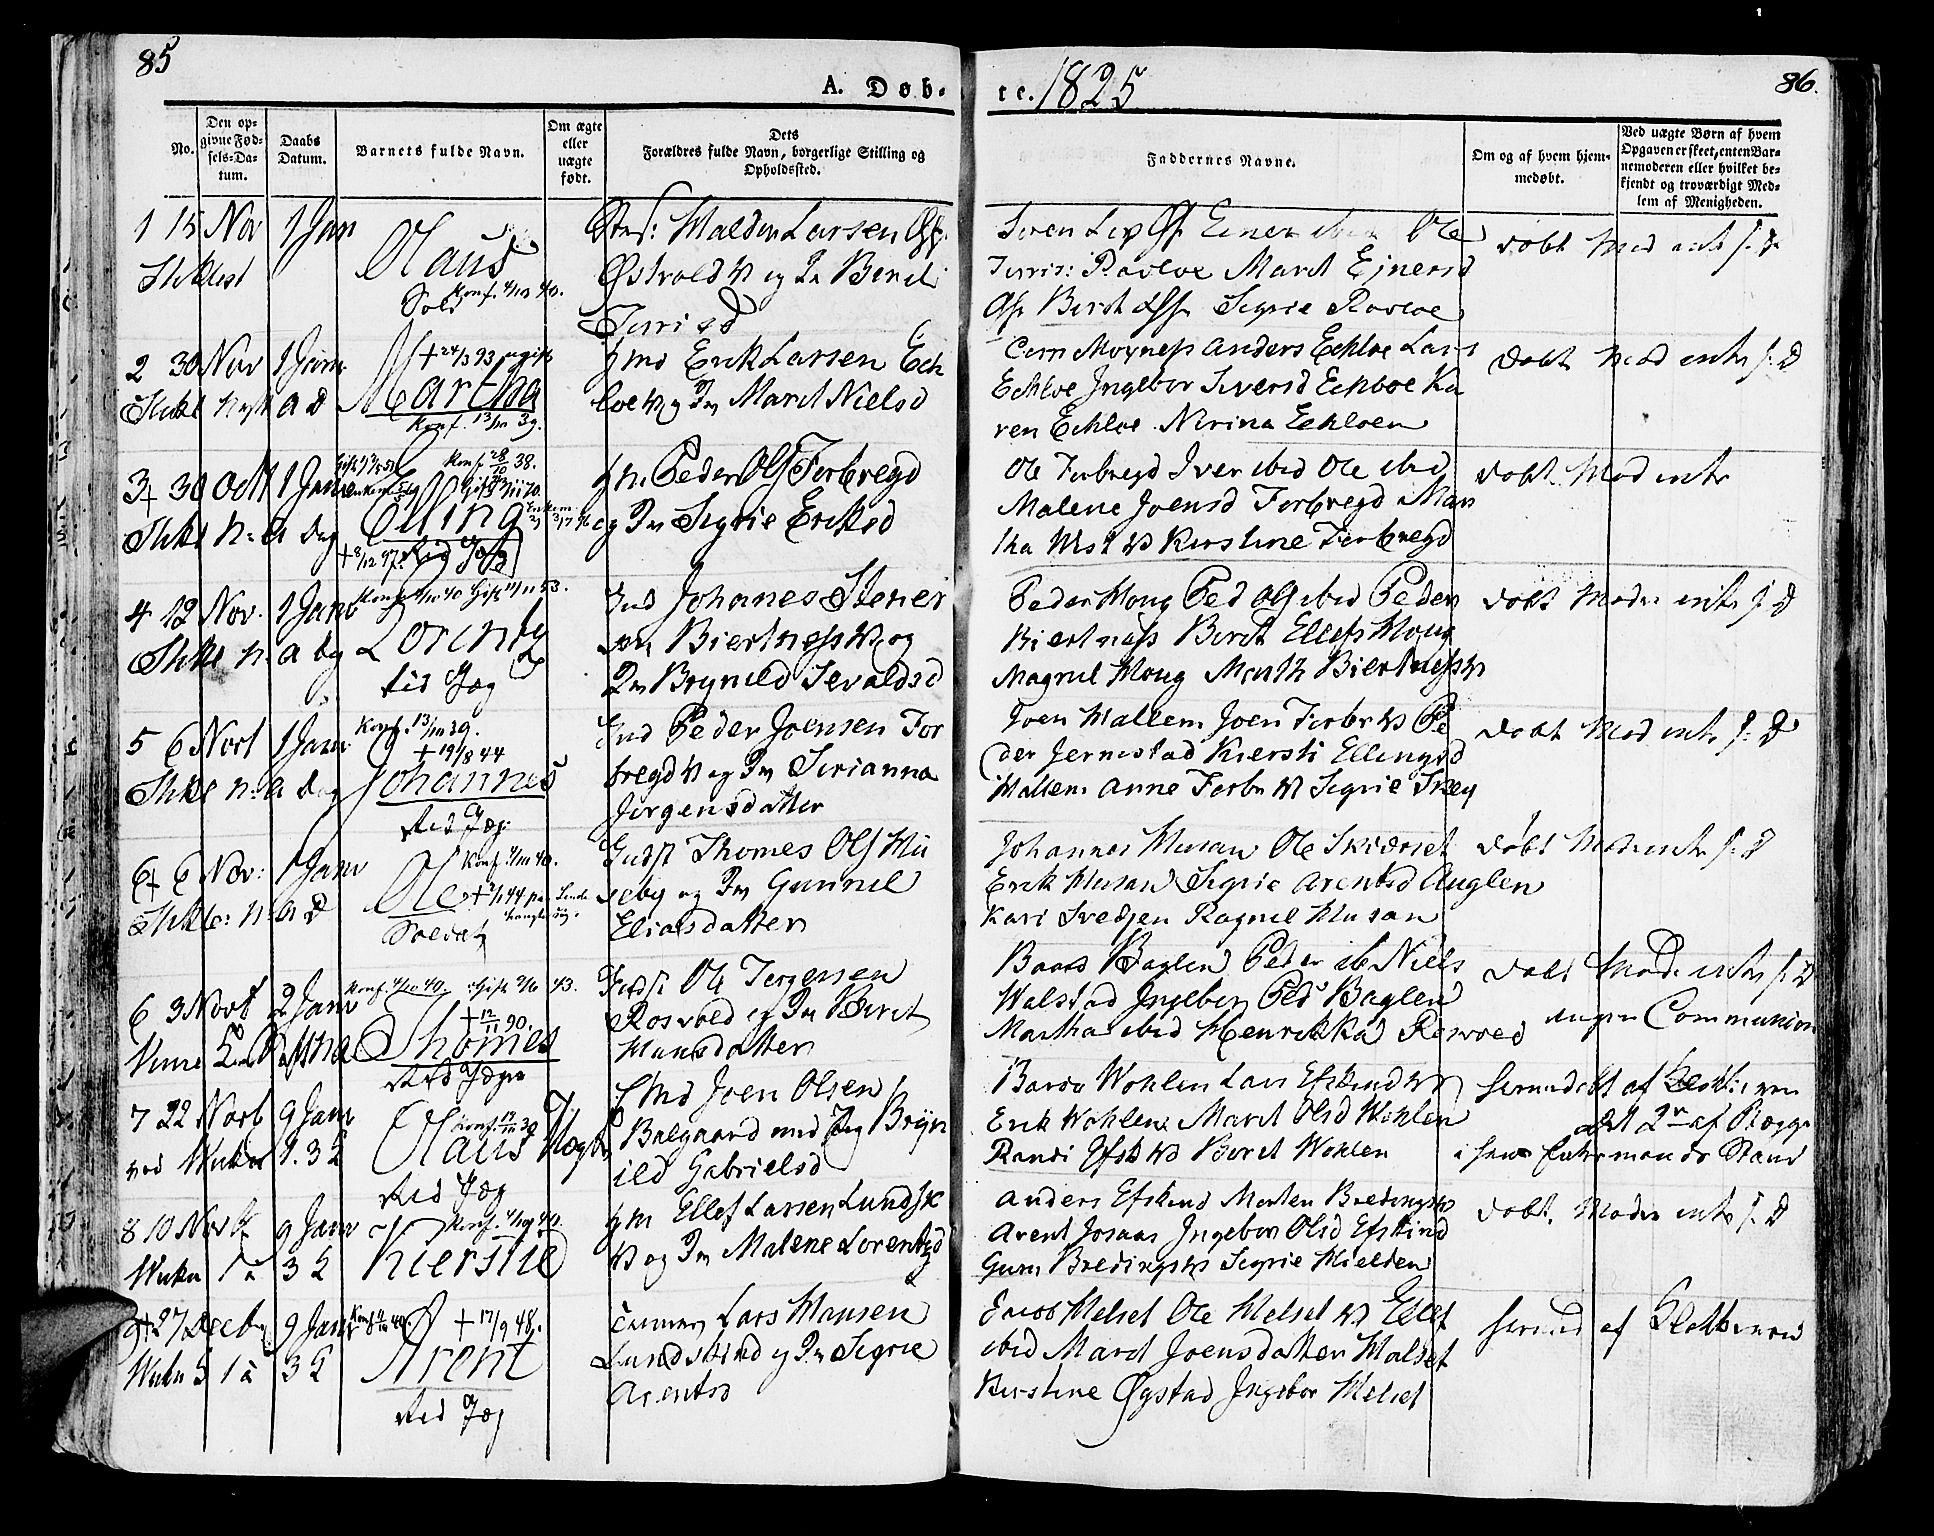 SAT, Ministerialprotokoller, klokkerbøker og fødselsregistre - Nord-Trøndelag, 723/L0237: Ministerialbok nr. 723A06, 1822-1830, s. 85-86